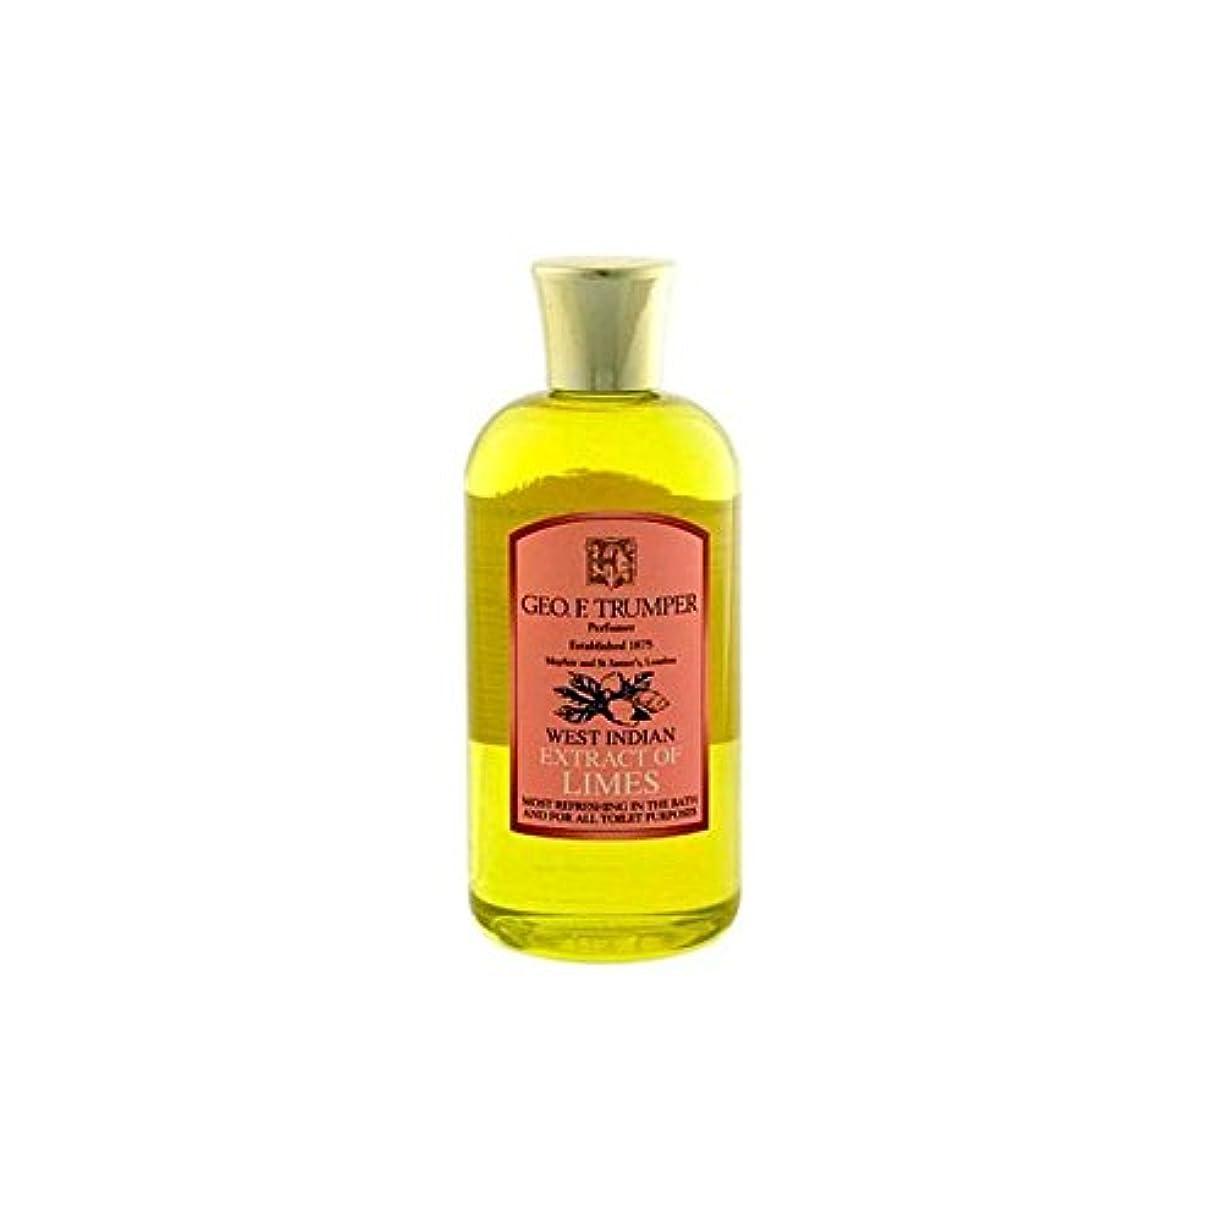 肯定的いくつかの標準Trumpers Extracts of Limes Bath and Shower Gel 200ml - ライムのバスタブとシャワージェル200の抽出物を [並行輸入品]